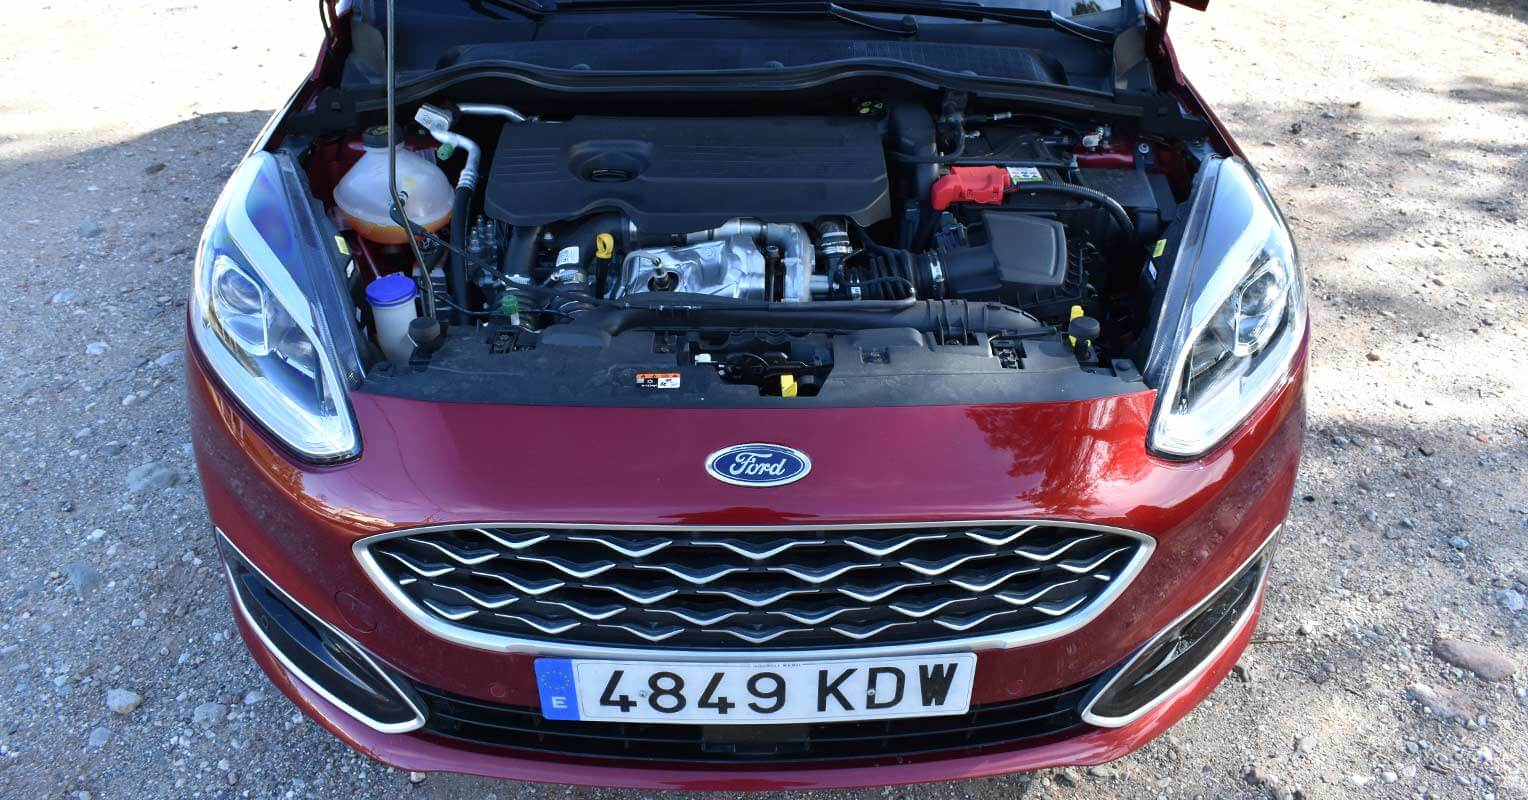 Motor del Ford Fiesta 2018